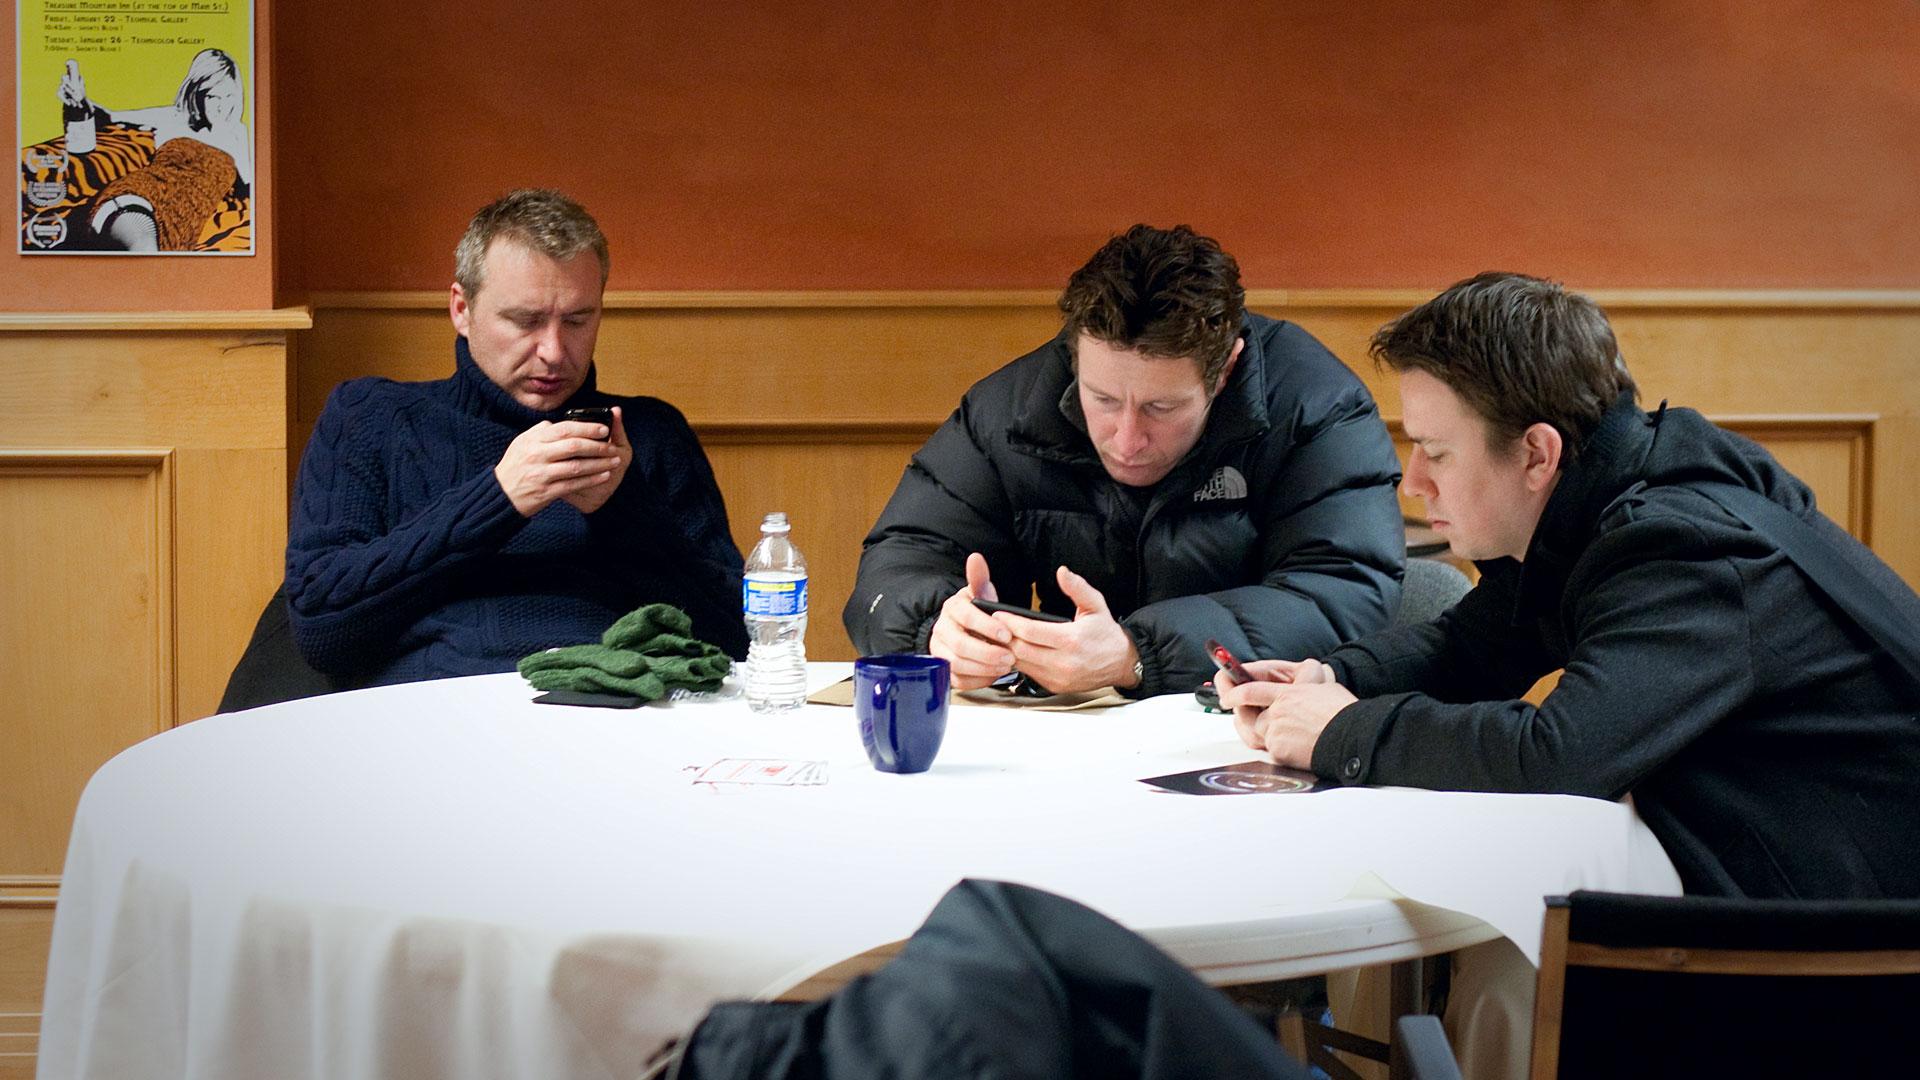 Phubbing es un término que apareció en el año 2007 con la llegada de los teléfonos inteligentes. Etimológicamente viene de la unión de las palabras phone (teléfono) y snubbing (despreciar). Se define como el acto de una persona al ignorar su entorno por concentrarse en la tecnología móvil, ya sea un smartphone, tableta, portátil... Como curiosidad, su origen está en la Universidad de Sidney (Australia). Conocieras ya este fenómeno o no segura que alguna vez has vivido una situación de este tipo debido a la gran influencia de las tecnologías en nuestras vidas, especialmente los dispositivos móviles. Sea para revisar el whatsapp o las redes sociales, este comportamiento sigue siendo muy común desde su aparición. Muchas veces ya se hace inconscientemente aunque nuestra intención no sea despreciar a otro por medio de ignorarlo ante un móvil. Pero ya se sabe que los teléfonos e Internet generan adicción. Lo importante es recordar que hay un momento para todo y según las prioridades de cada uno anteponer o no el uso excesivo de los smartphone según en qué situación nos encontremos. Sin cometer faltas de cortesía y atendiendo a lo que nos rodea para evitar que este fenómeno social sea un problema en nuestro día a día. No podemos pretender acabar con este fenómeno social a nivel mundial pero sí colaborar con buenas prácticas.